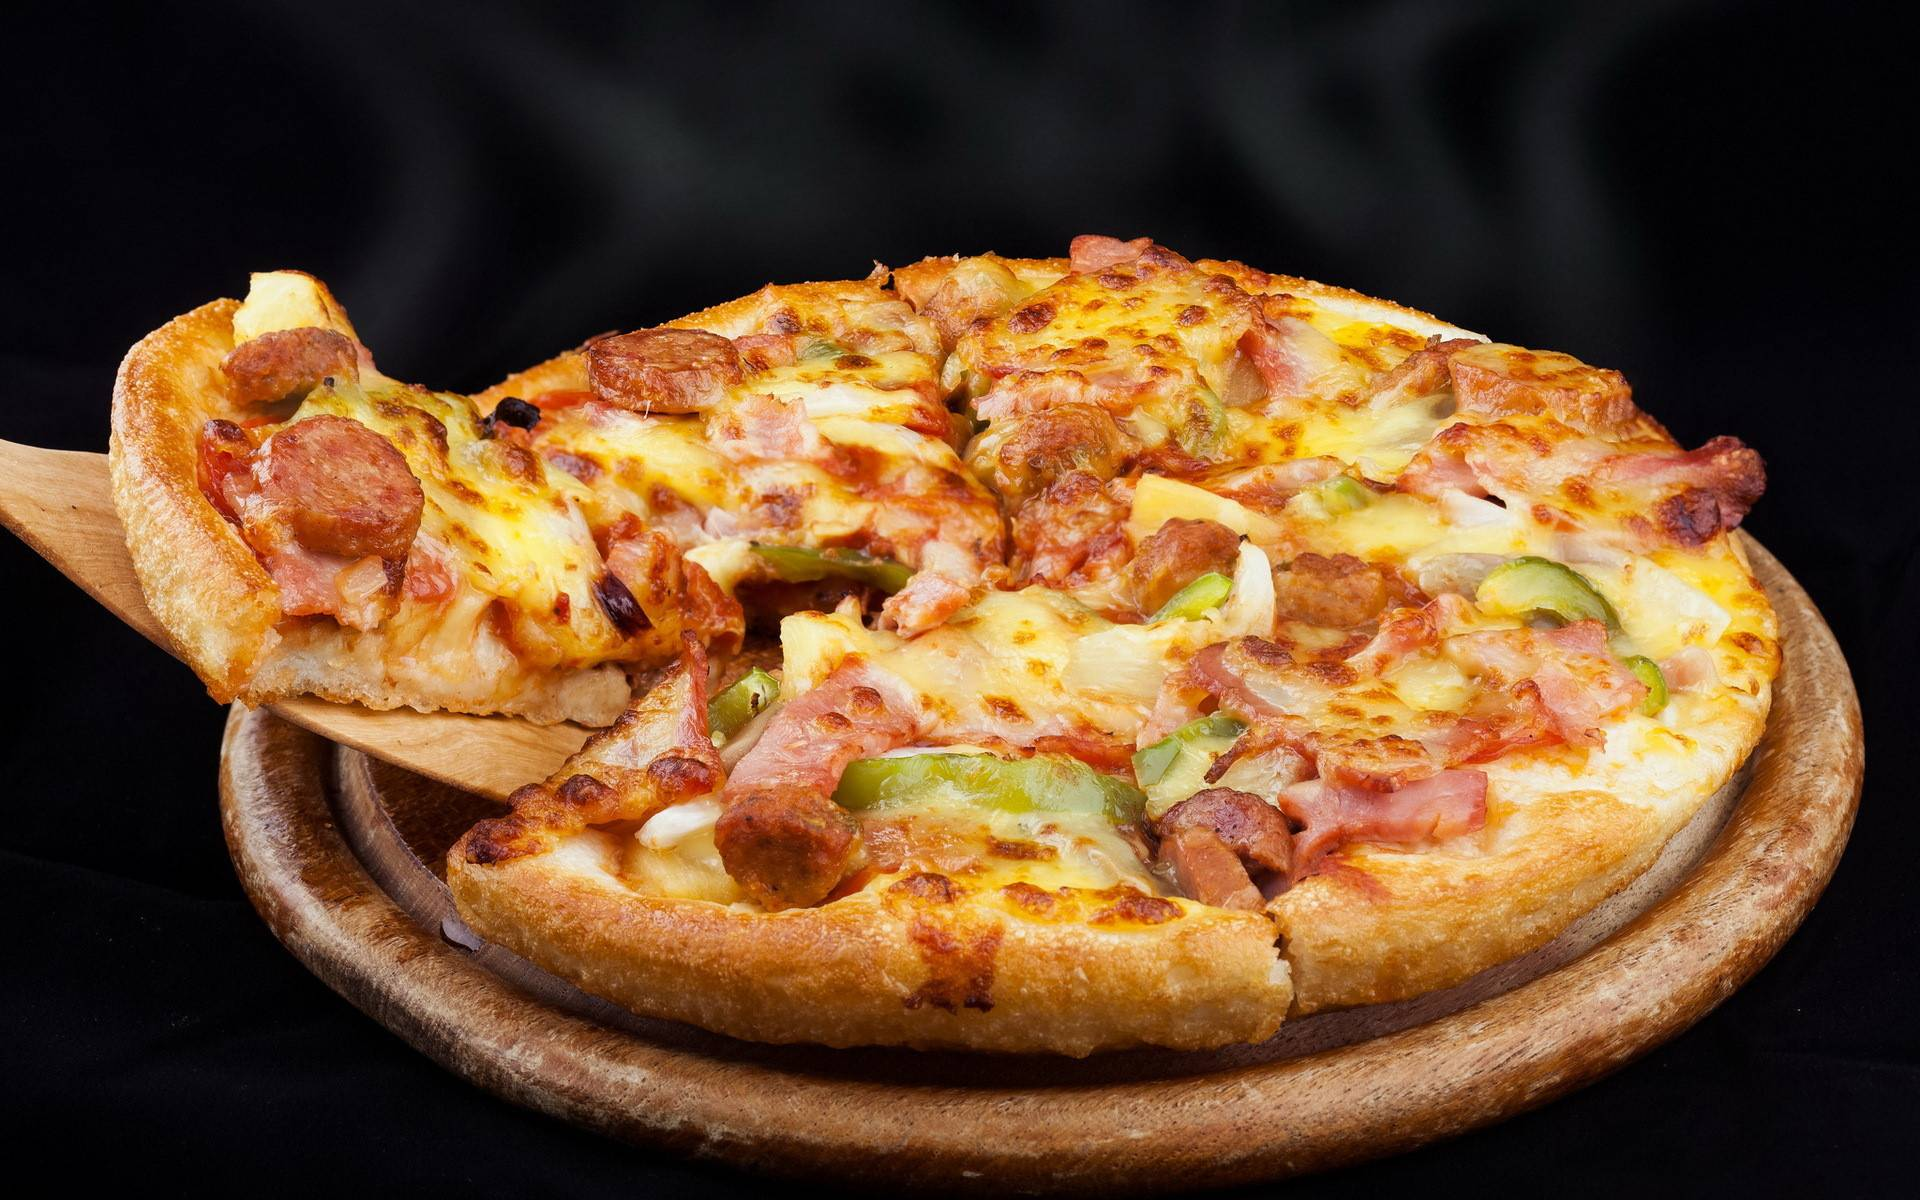 фото пиццы крупным планом отдельные